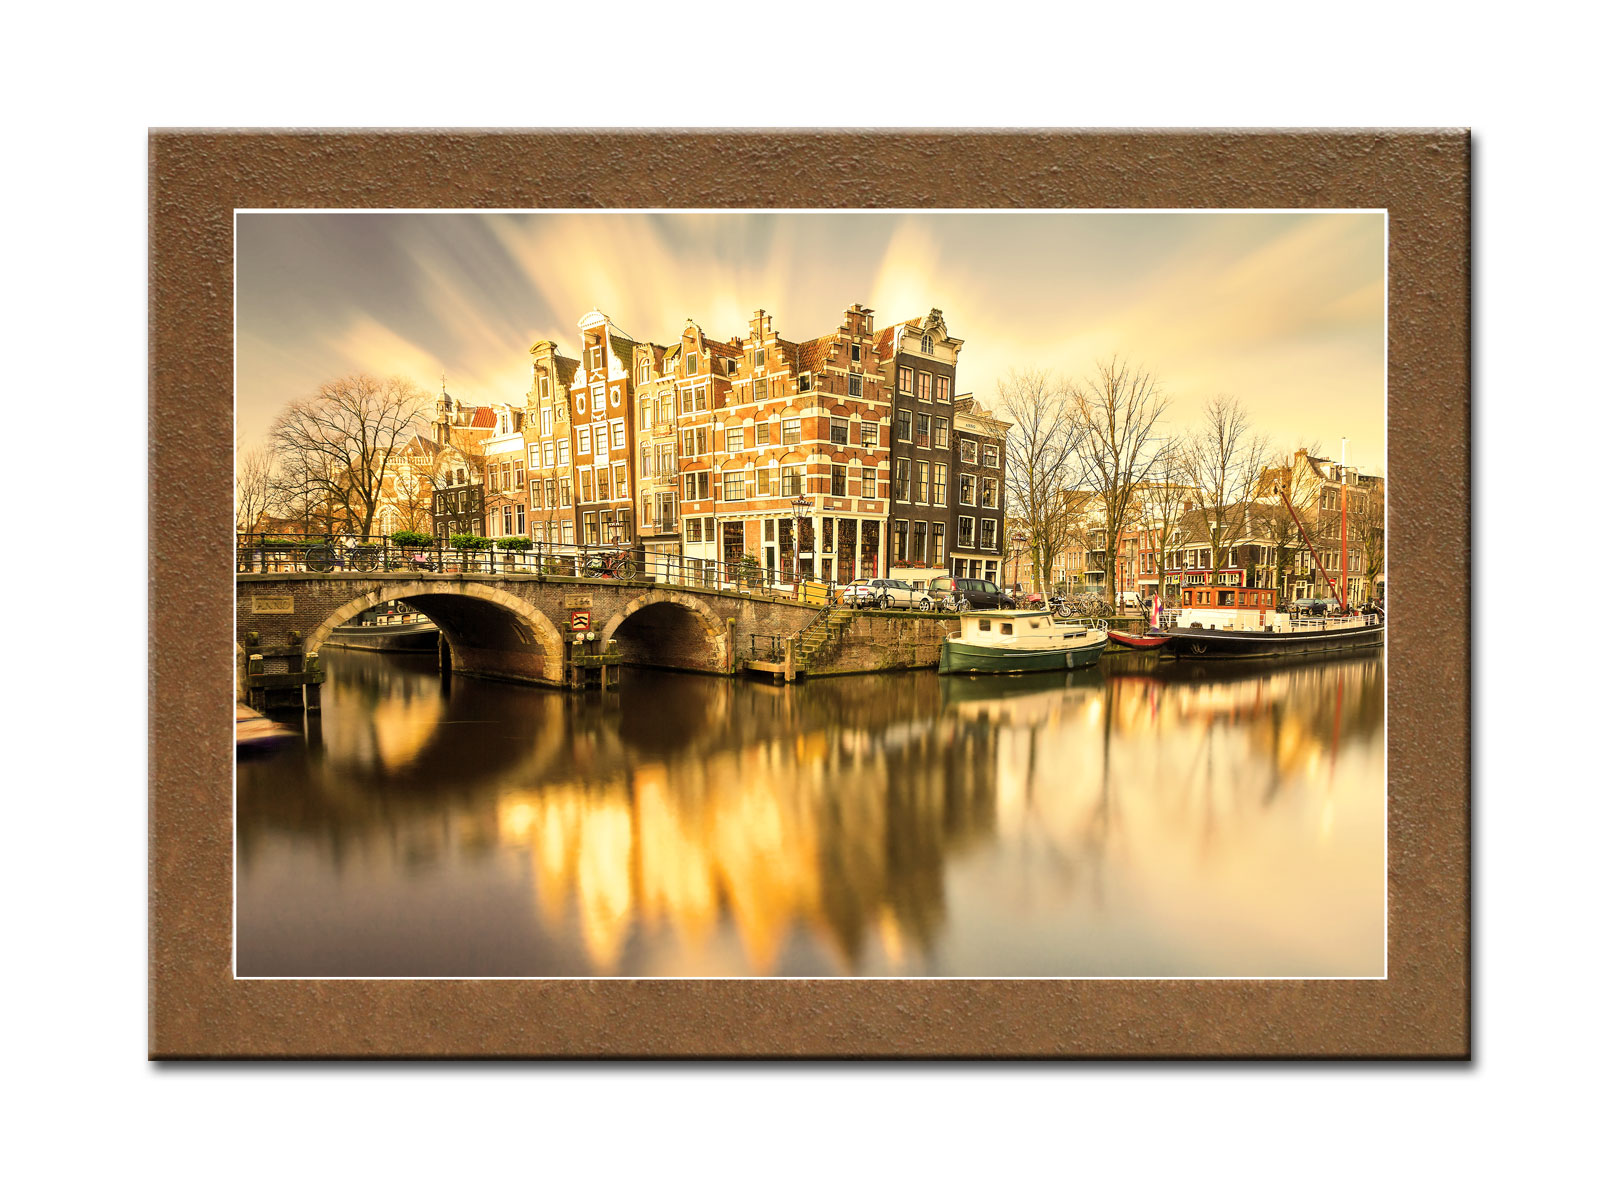 Картина АмстердамКартины<br>Картина из серии &amp;quot;Города&amp;quot;.&amp;amp;nbsp;&amp;lt;div&amp;gt;&amp;lt;br&amp;gt;&amp;lt;/div&amp;gt;&amp;lt;div&amp;gt;Натуральный холст, галерейный подрамник, по периметру картина декорирована фактурой песка.&amp;lt;/div&amp;gt;<br><br>Material: Дерево<br>Width см: 70<br>Depth см: 3<br>Height см: 50